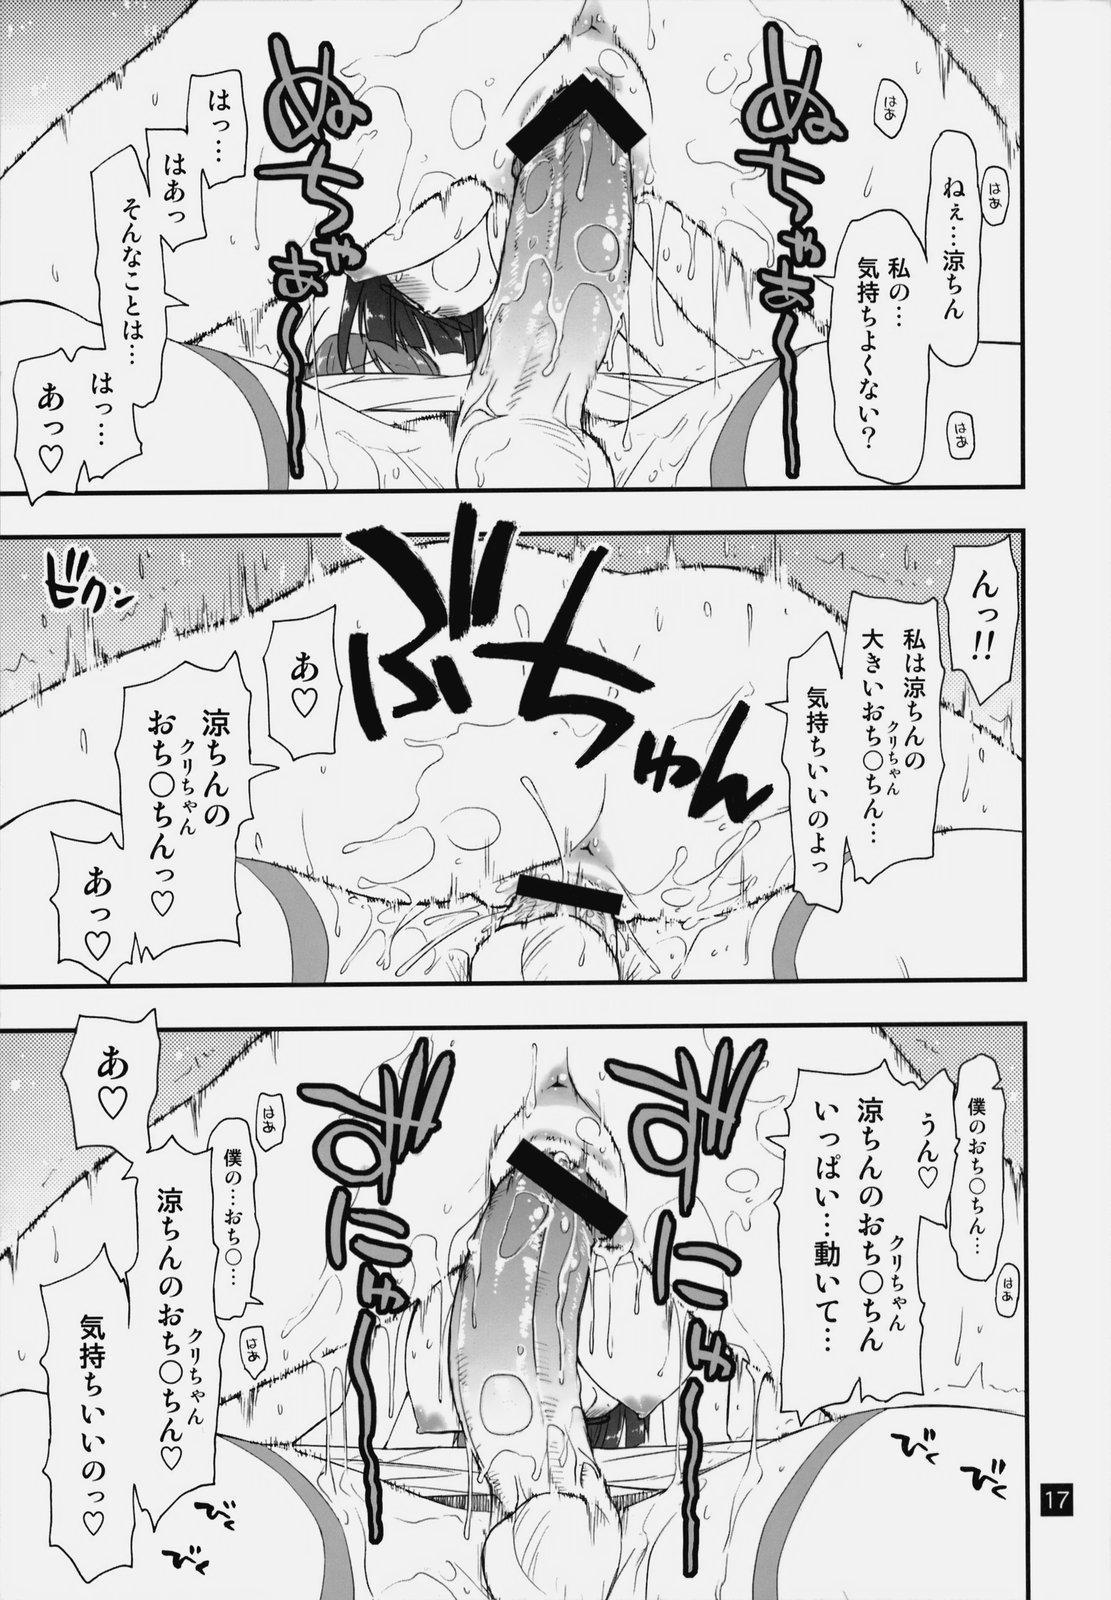 Ryouchinko 15